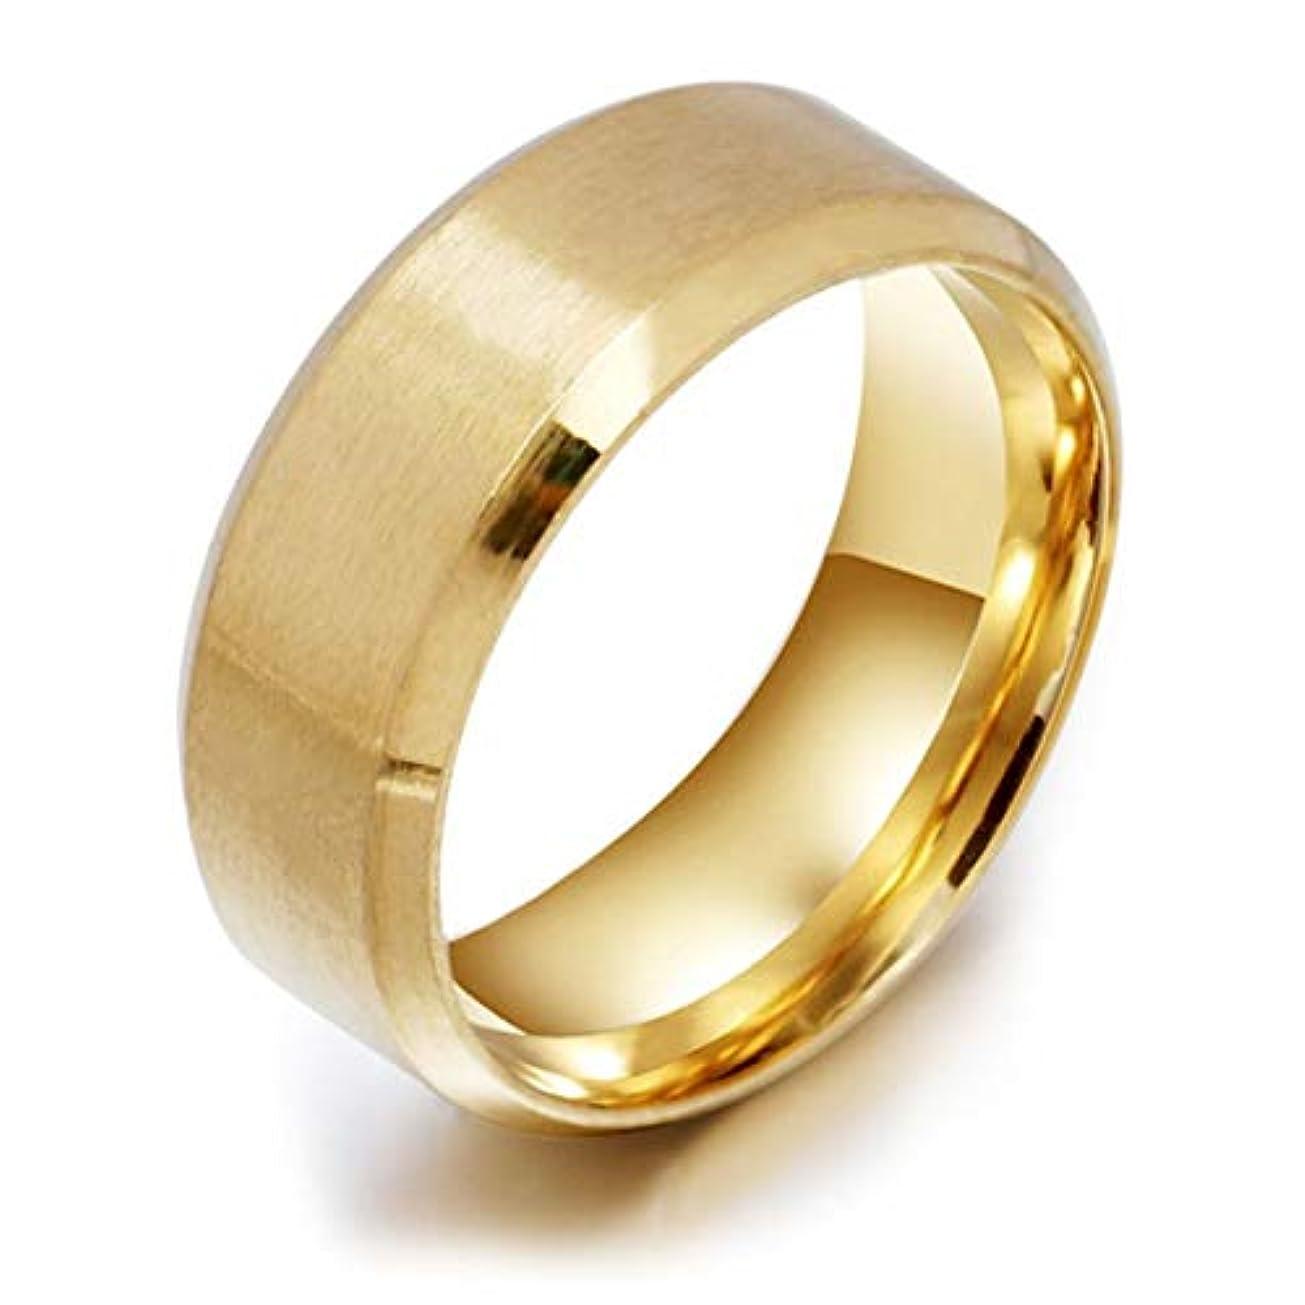 お肉会社二次ステンレス鋼の医療指リング磁気減量リング男性のための高いポーランドのファッションジュエリー女性リング-ゴールド10